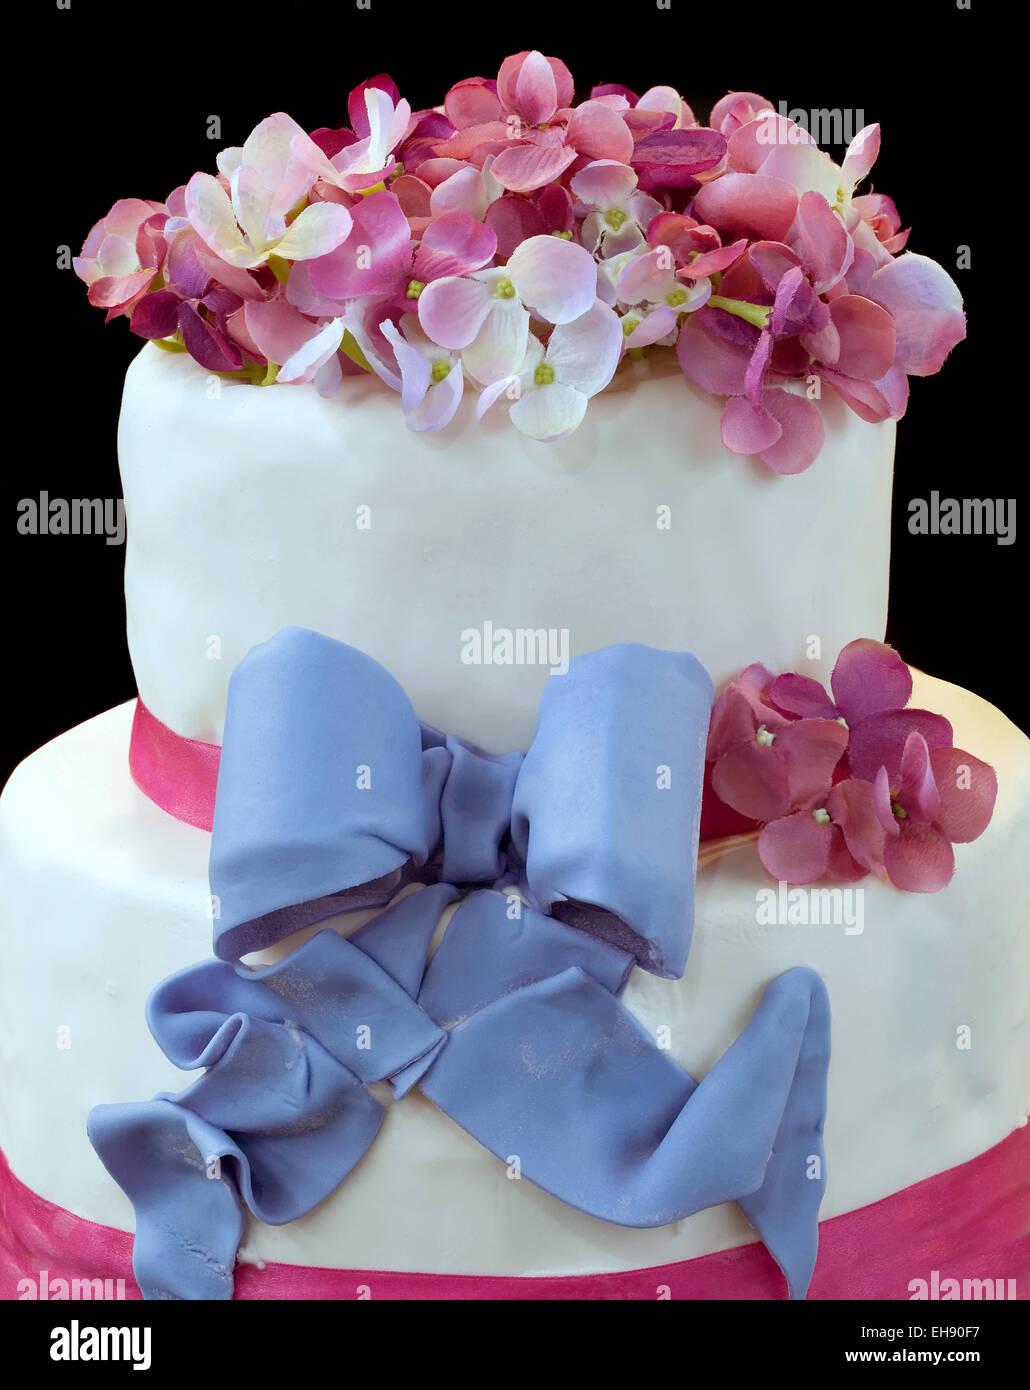 Wedding Cake Isolated on Dark Background - Stock Image